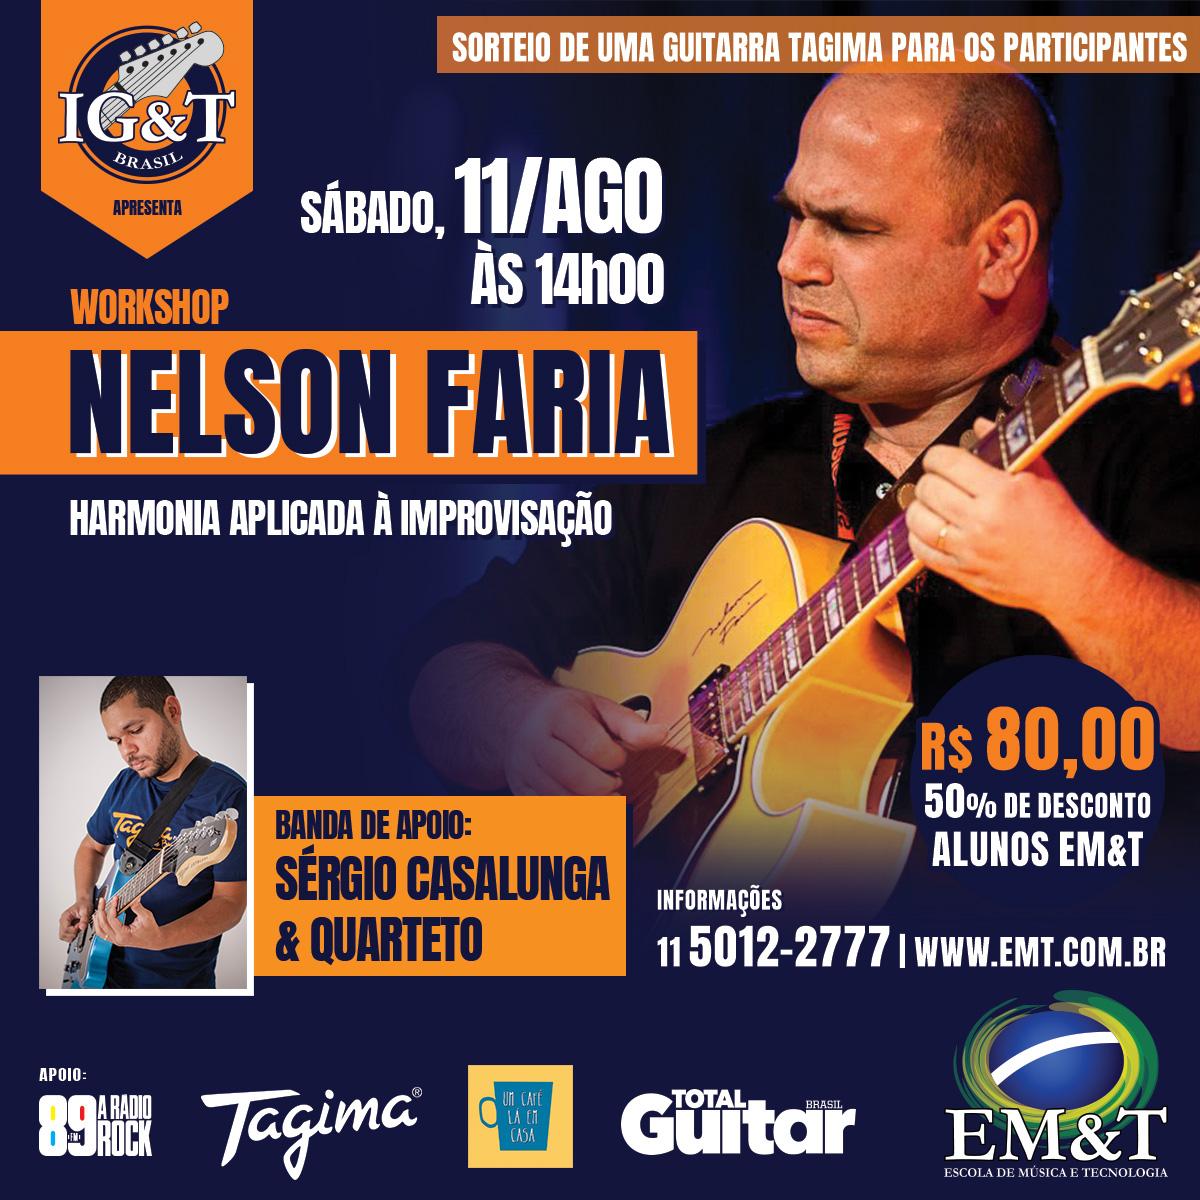 Harmonia Aplicada à Improvisação com Nelson Faria